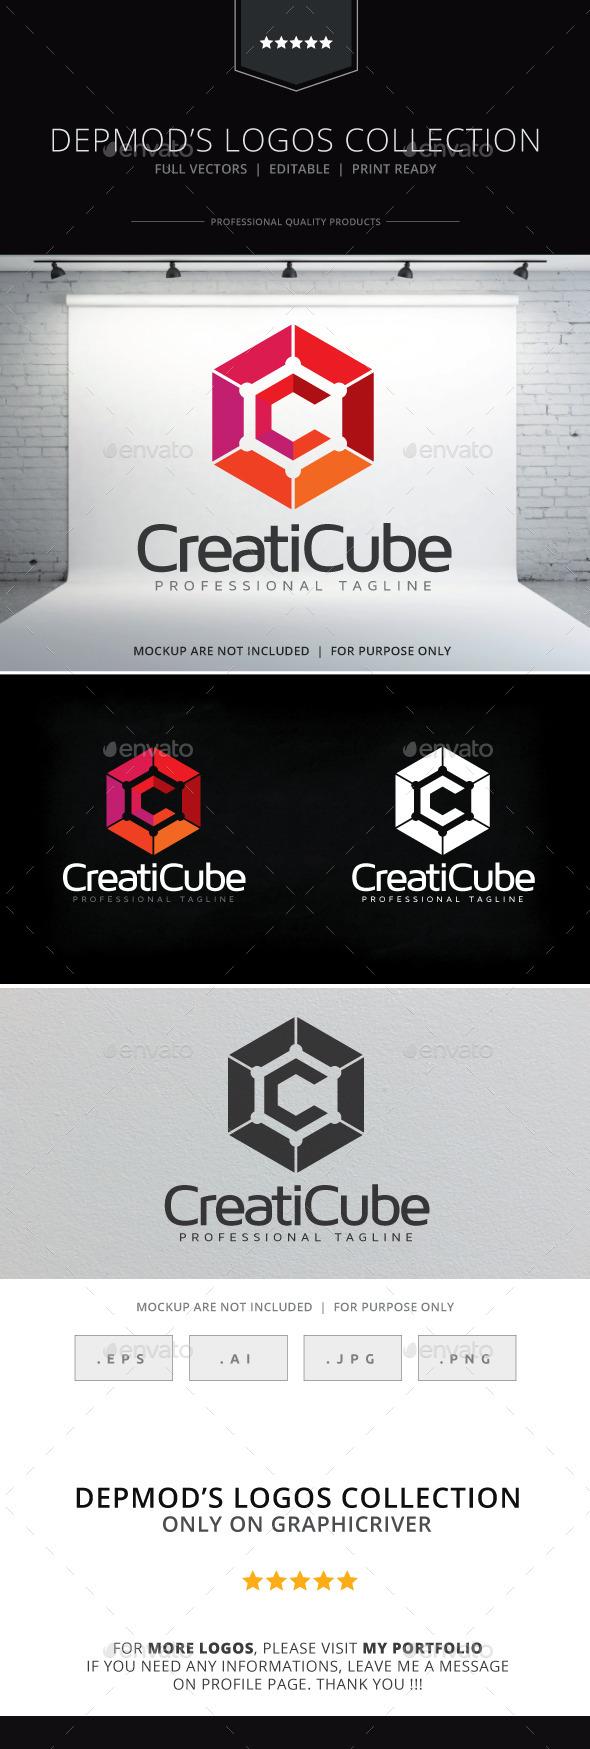 Creaticube Logo